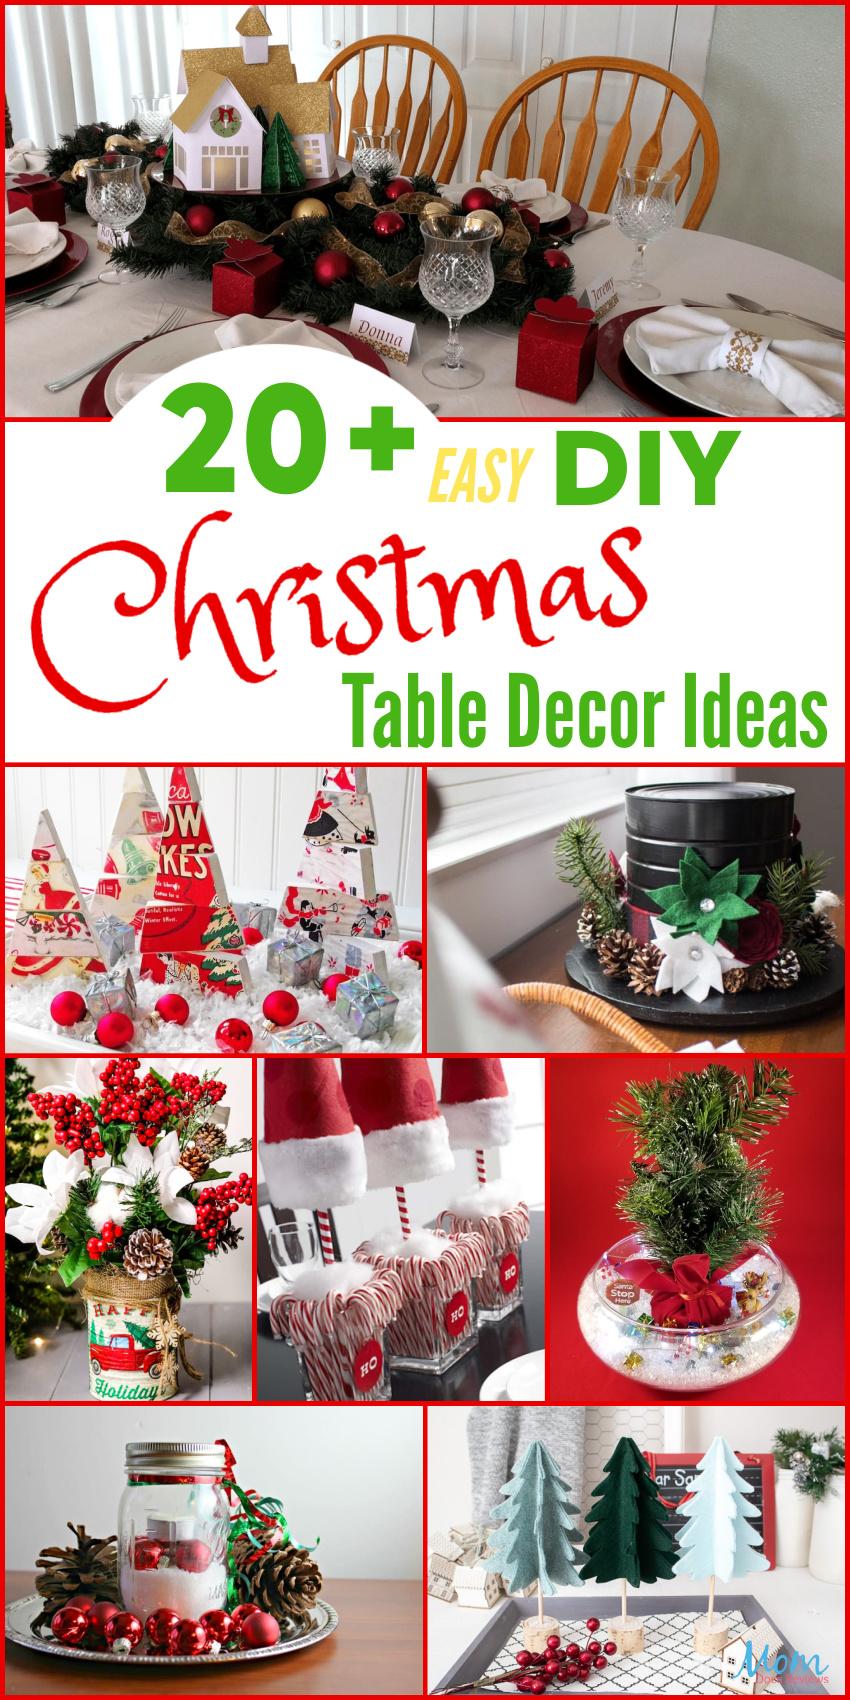 20+ Easy DIY Christmas Table Decor Ideas for a Beautiful ...